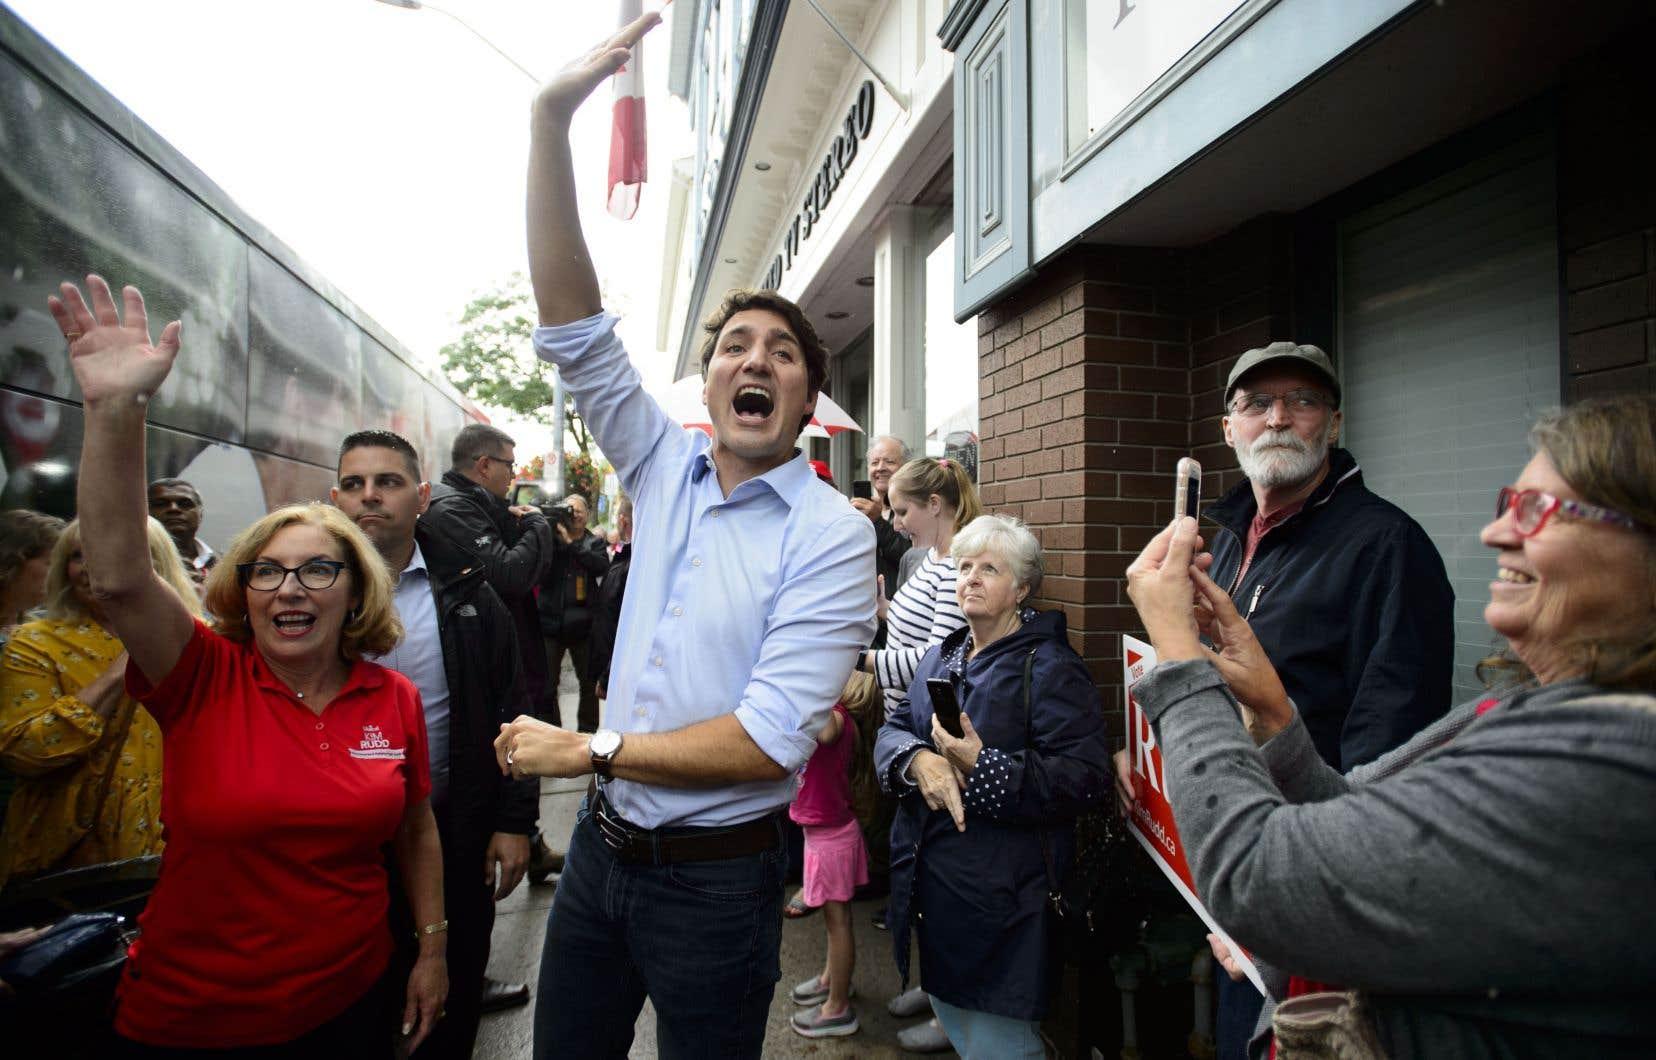 Sous le feu des critiques dimanche, l'équipe de Justin Trudeau avait plutôt salué l'effort du groupe anglophone d'enregistrer une chanson dans l'autre langue officielle du Canada.